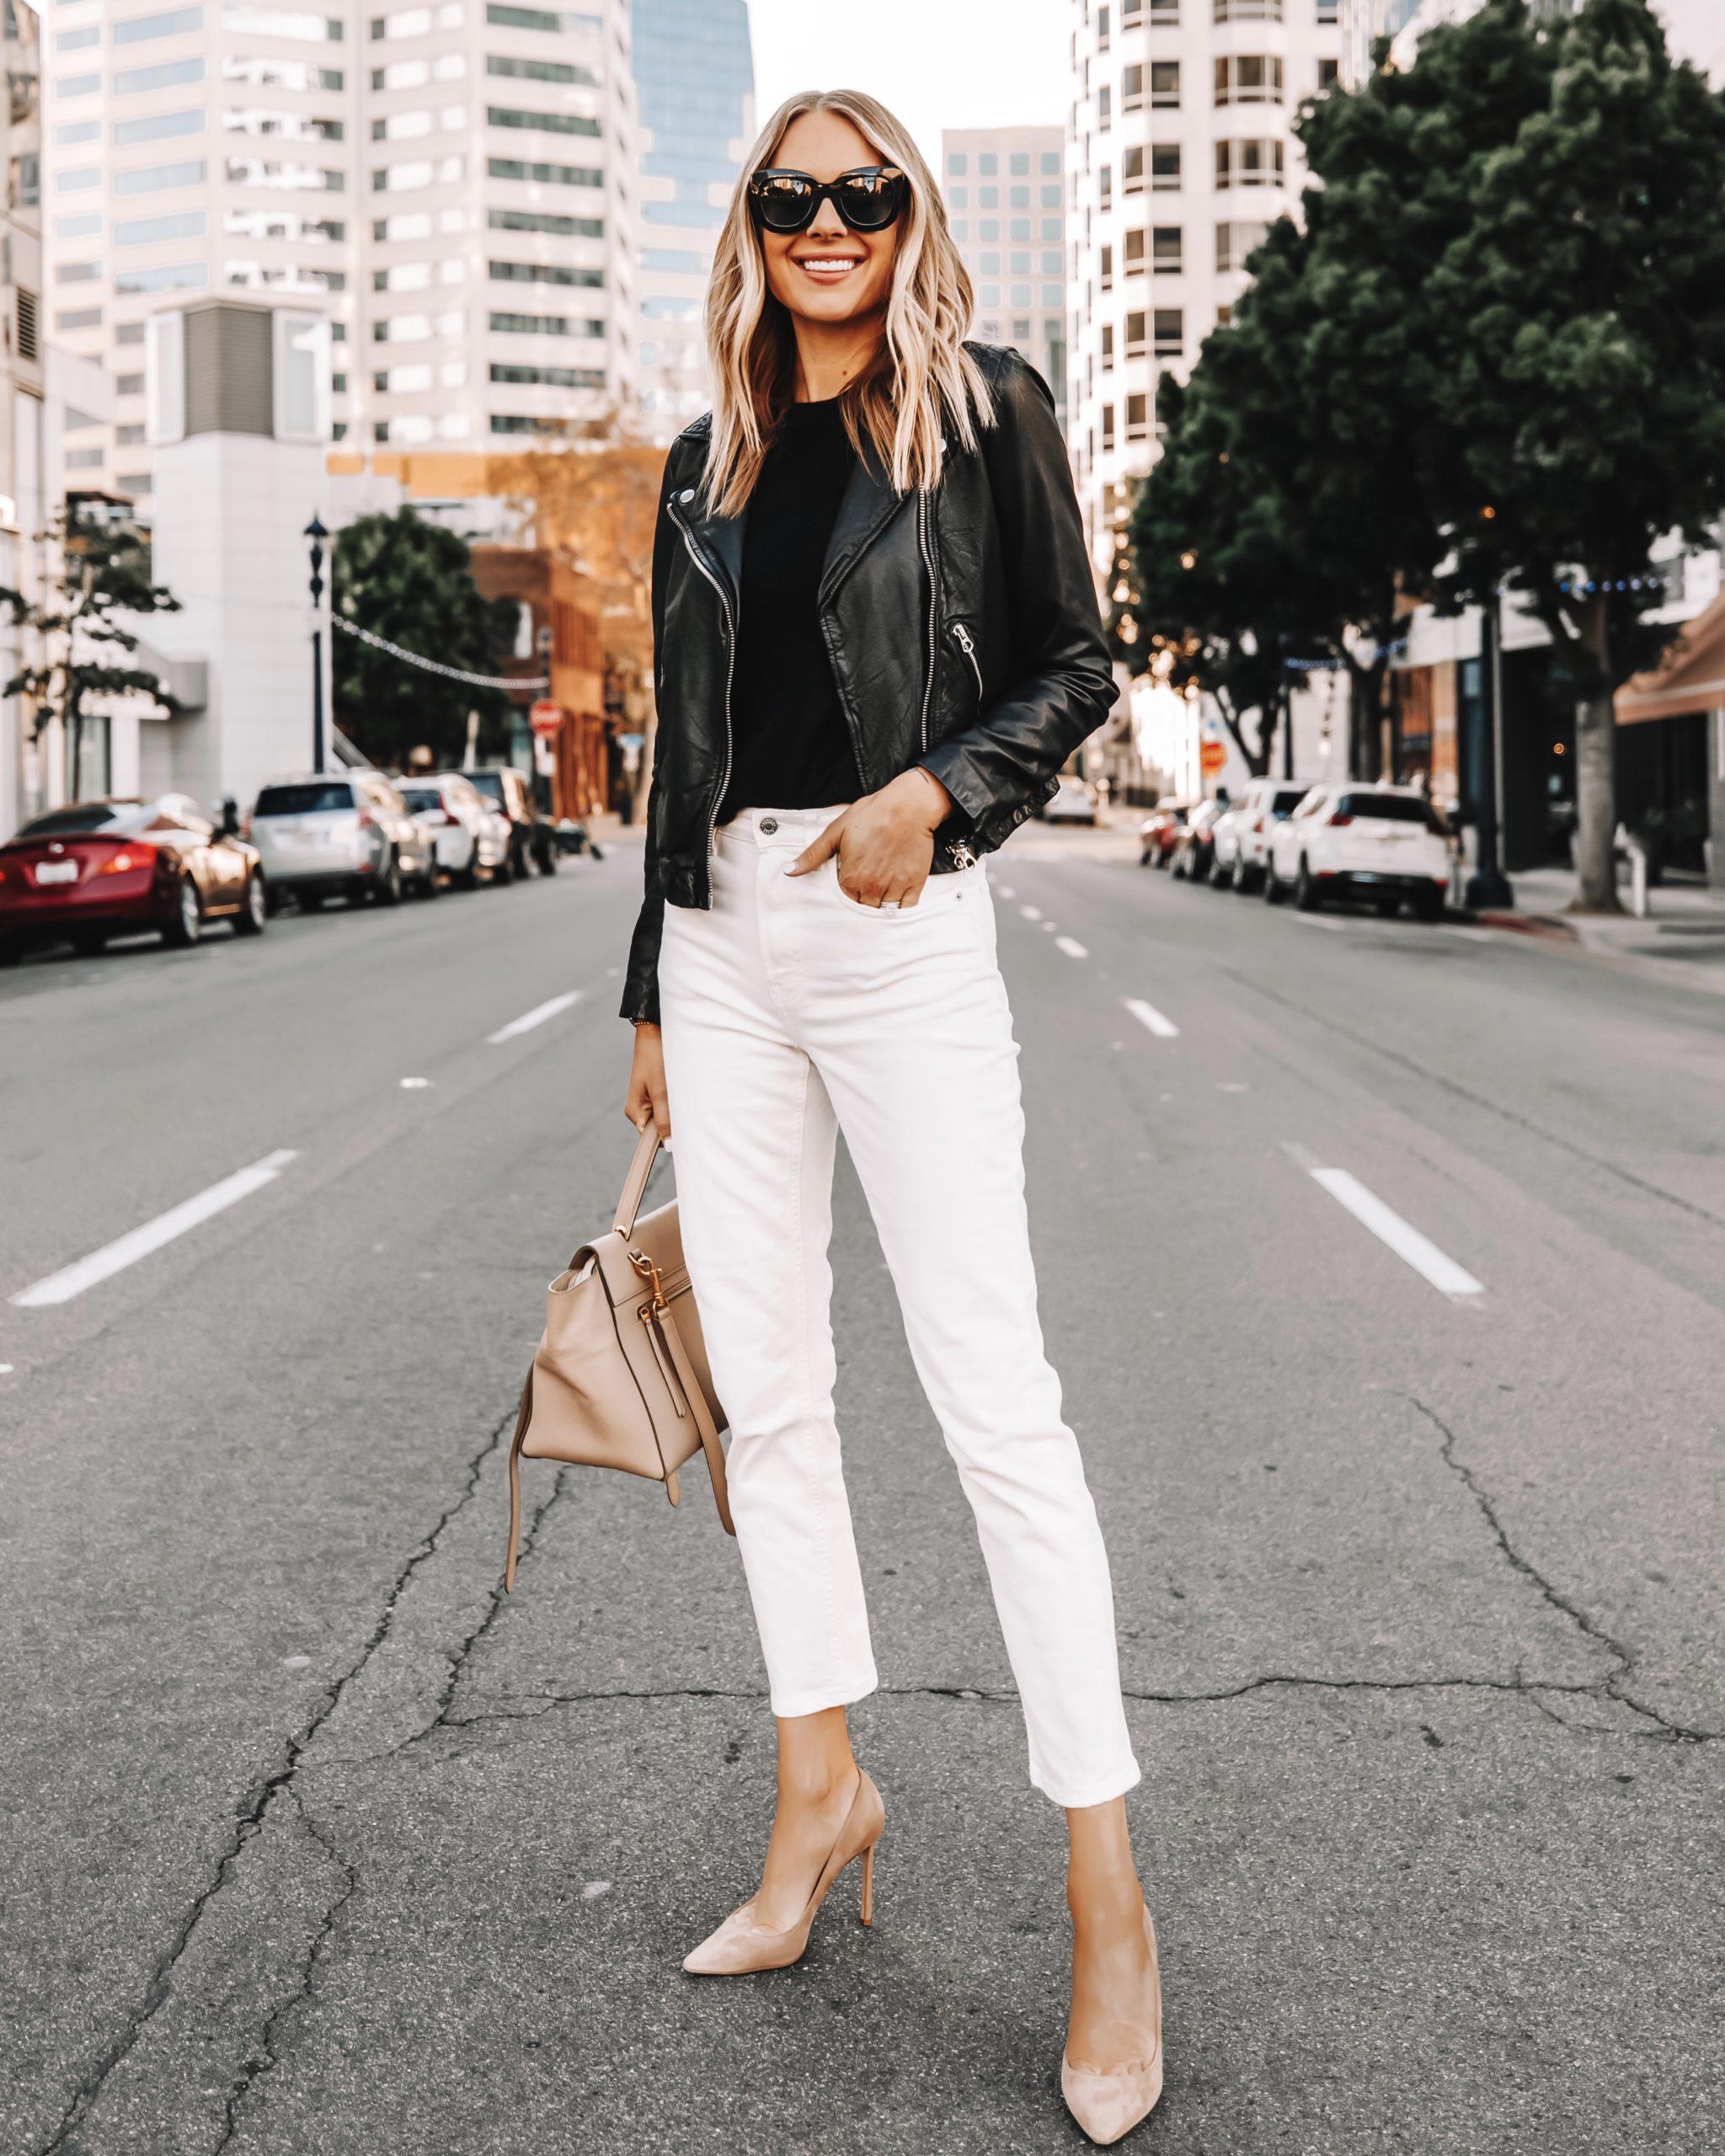 Fashion Jackson Wearing Madewell Black Leather Jacket White Jeans